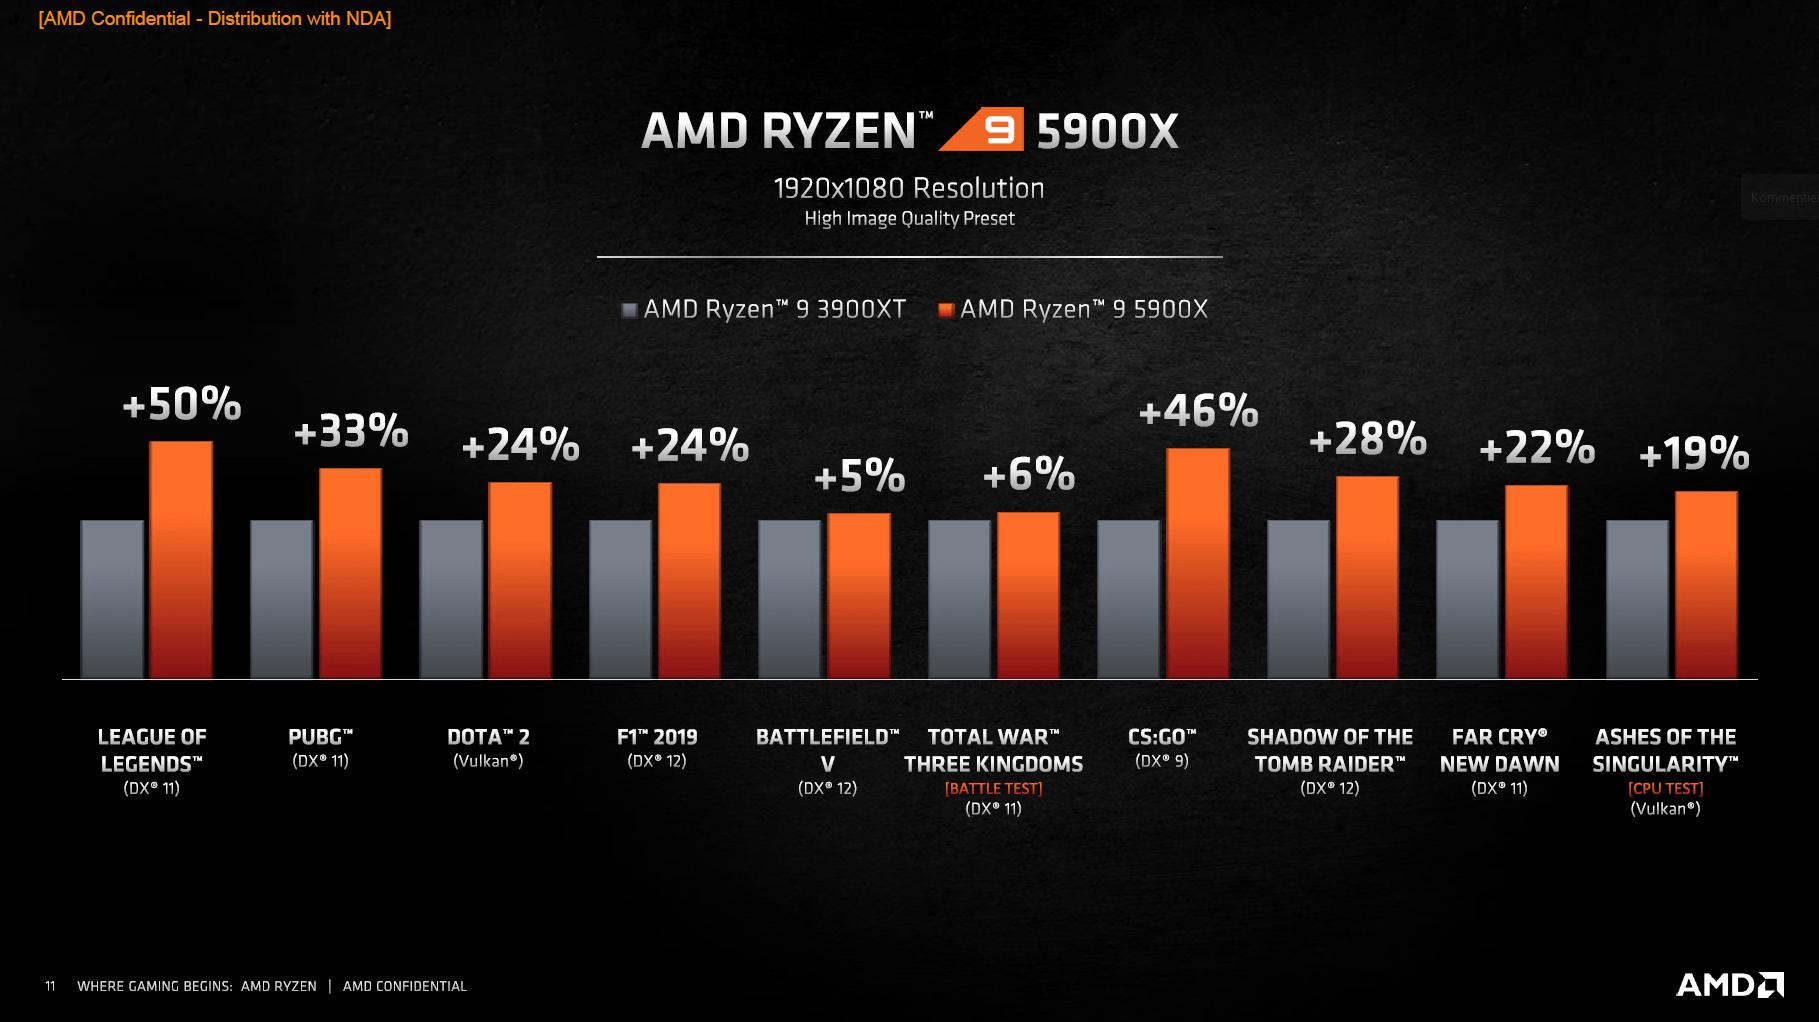 Spielebenchmarks von AMD Ryzen 9 5900X gegen AMD Ryzen 9 3900XT